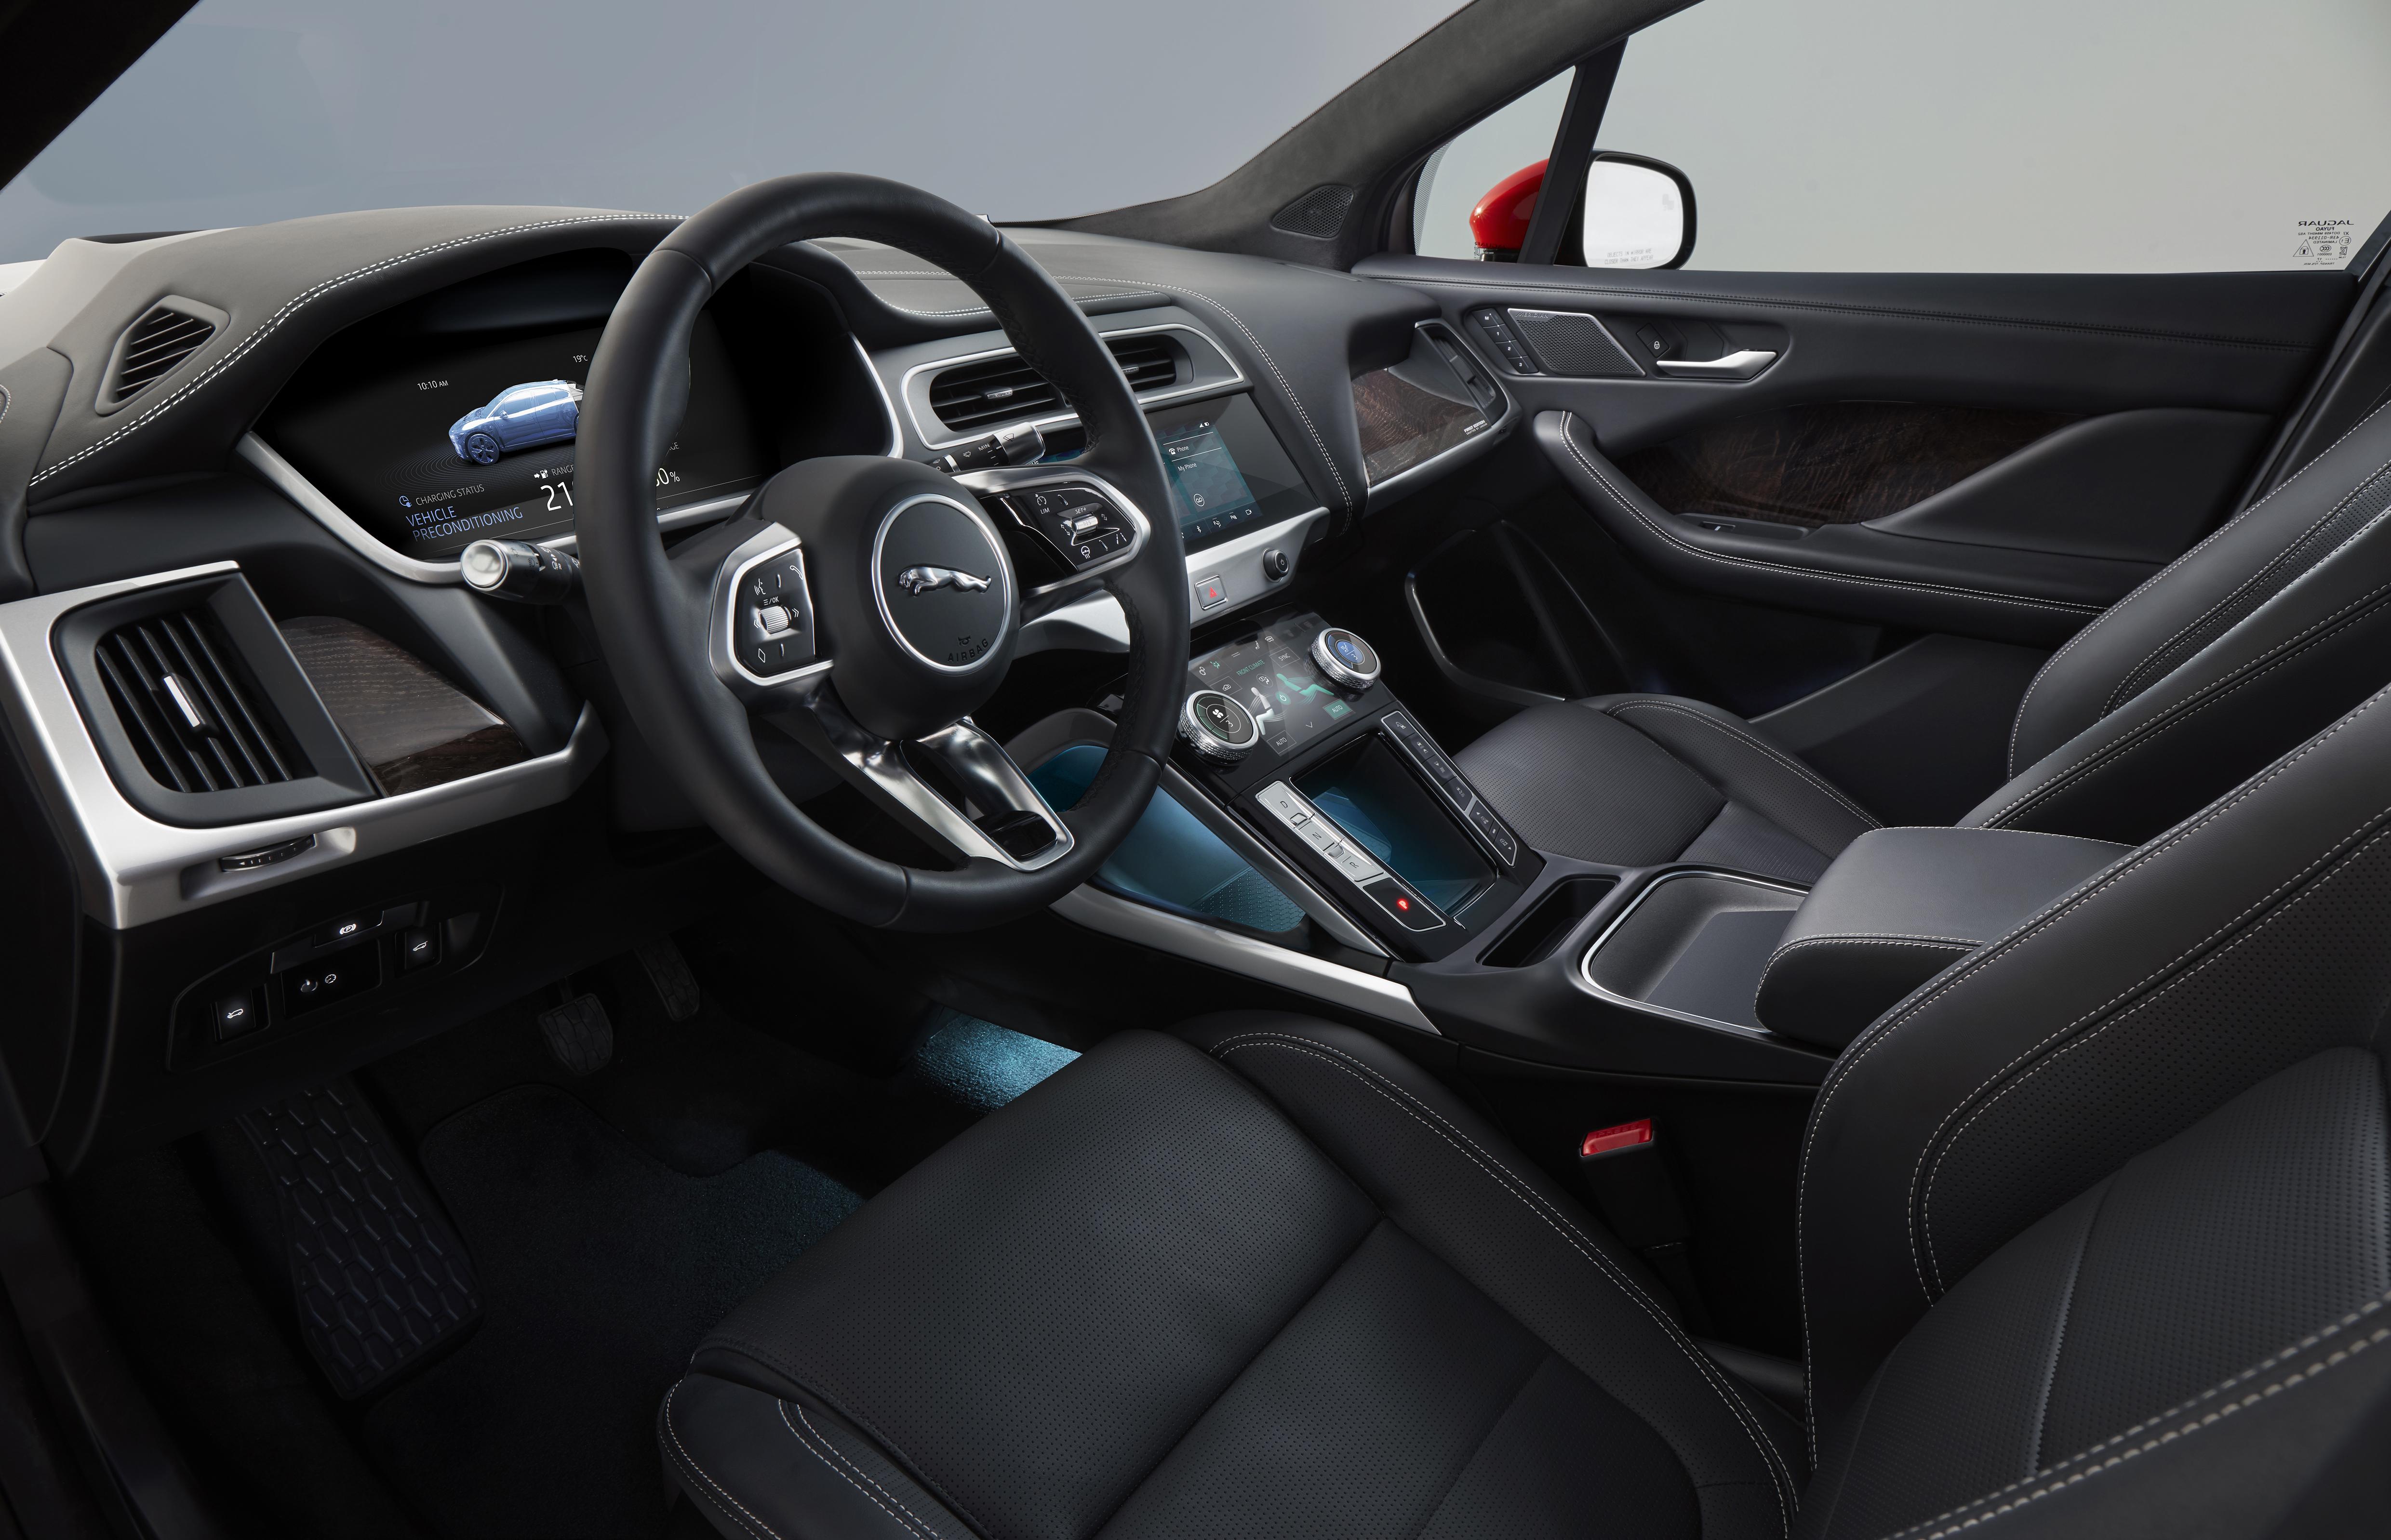 Interior é luxuoso, como é de se esperar em um Jaguar, sem que isso atrapalhe a ergonomia